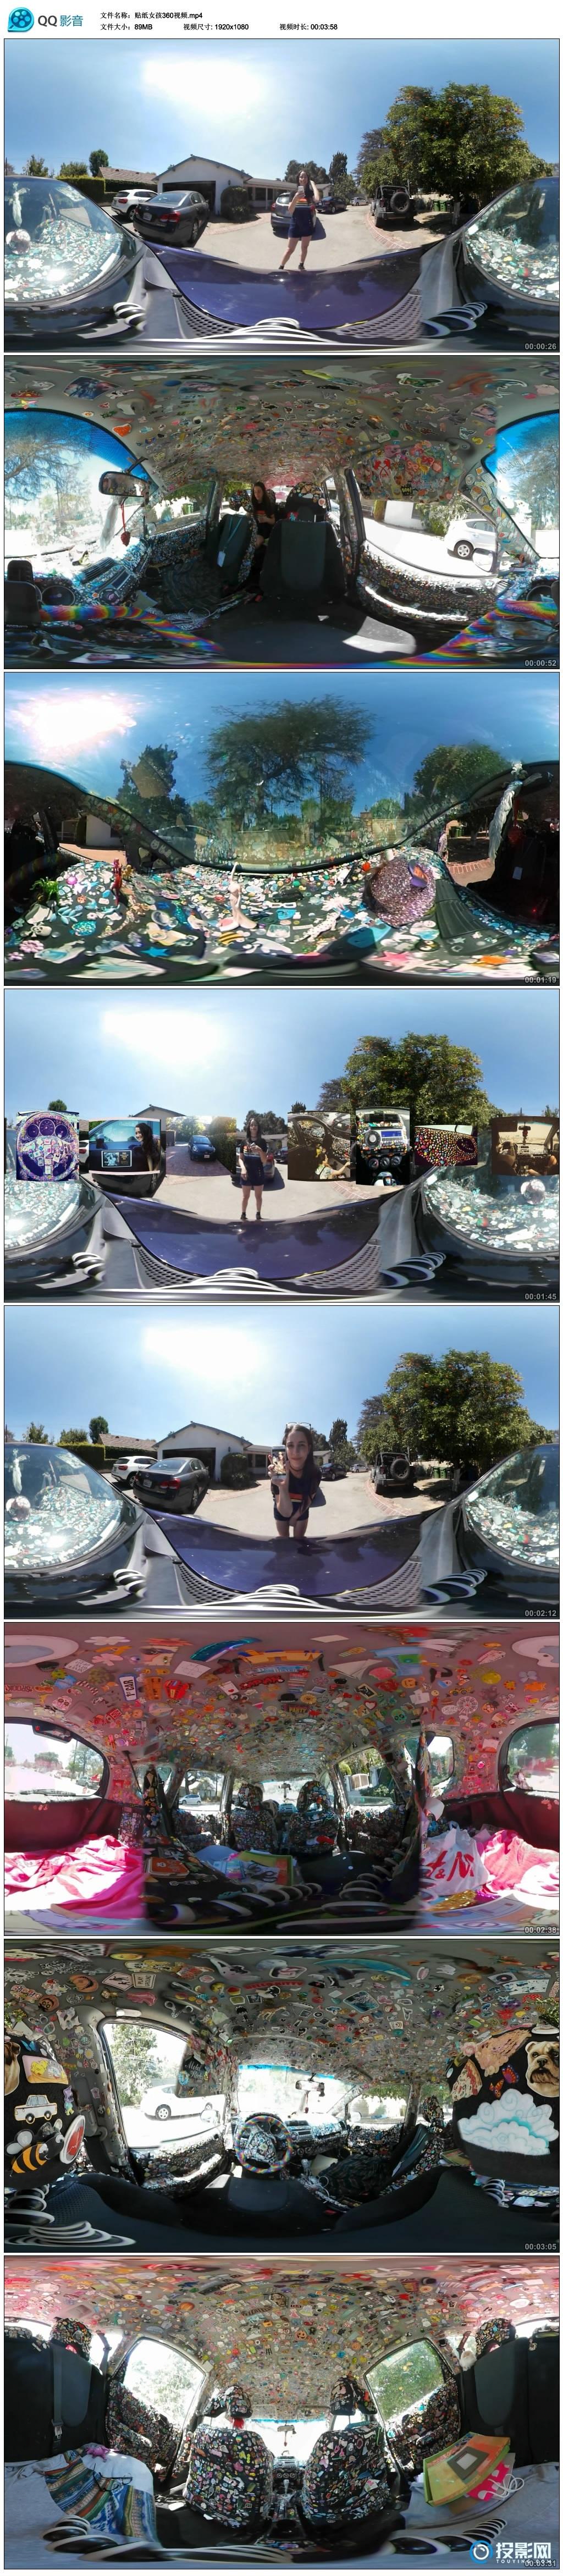 [VR360°全景] 贴纸女孩360视频 VR视频下载